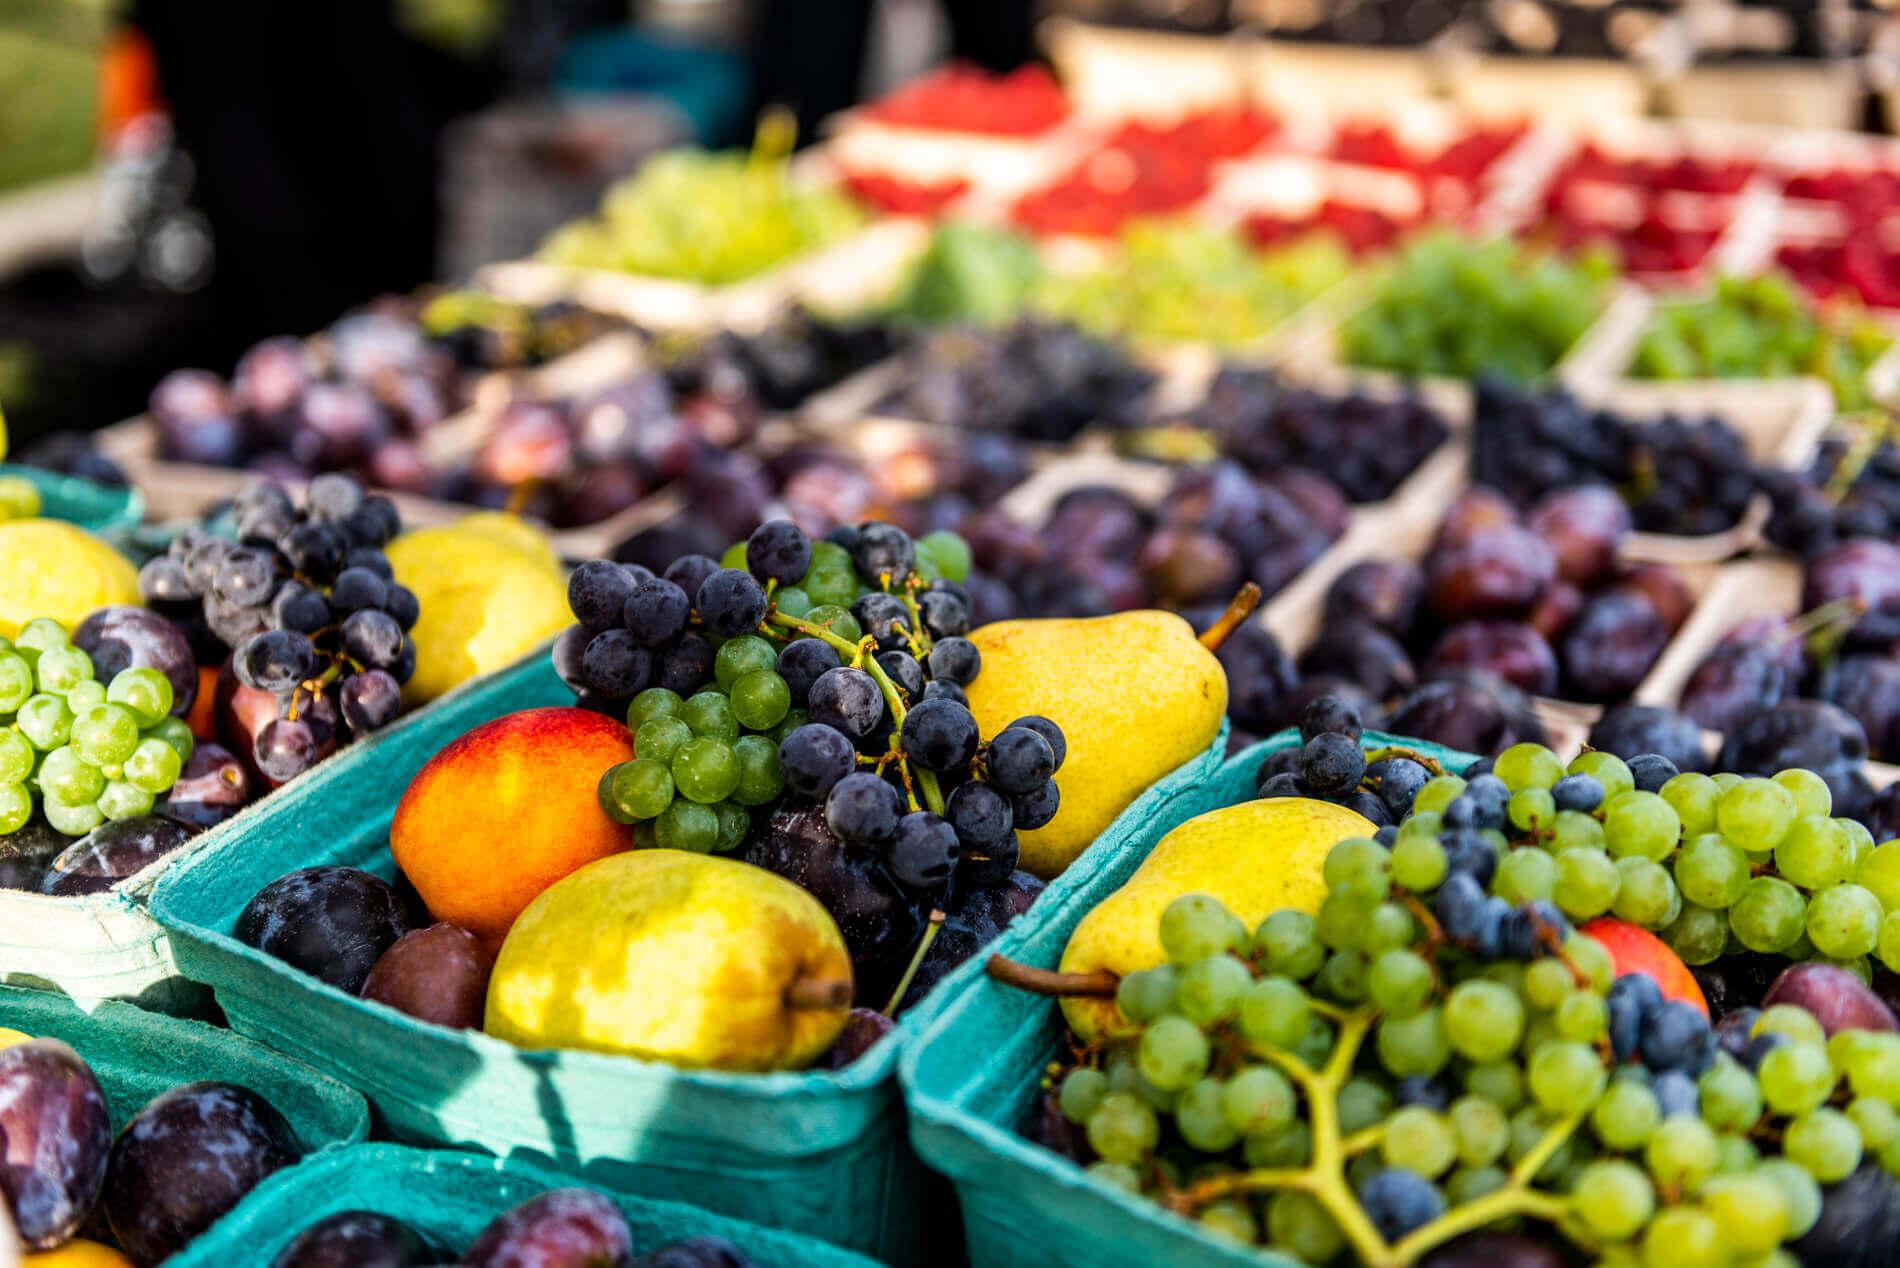 124 Street Farmer's Market Fruit Stand | Edmonton, Alberta